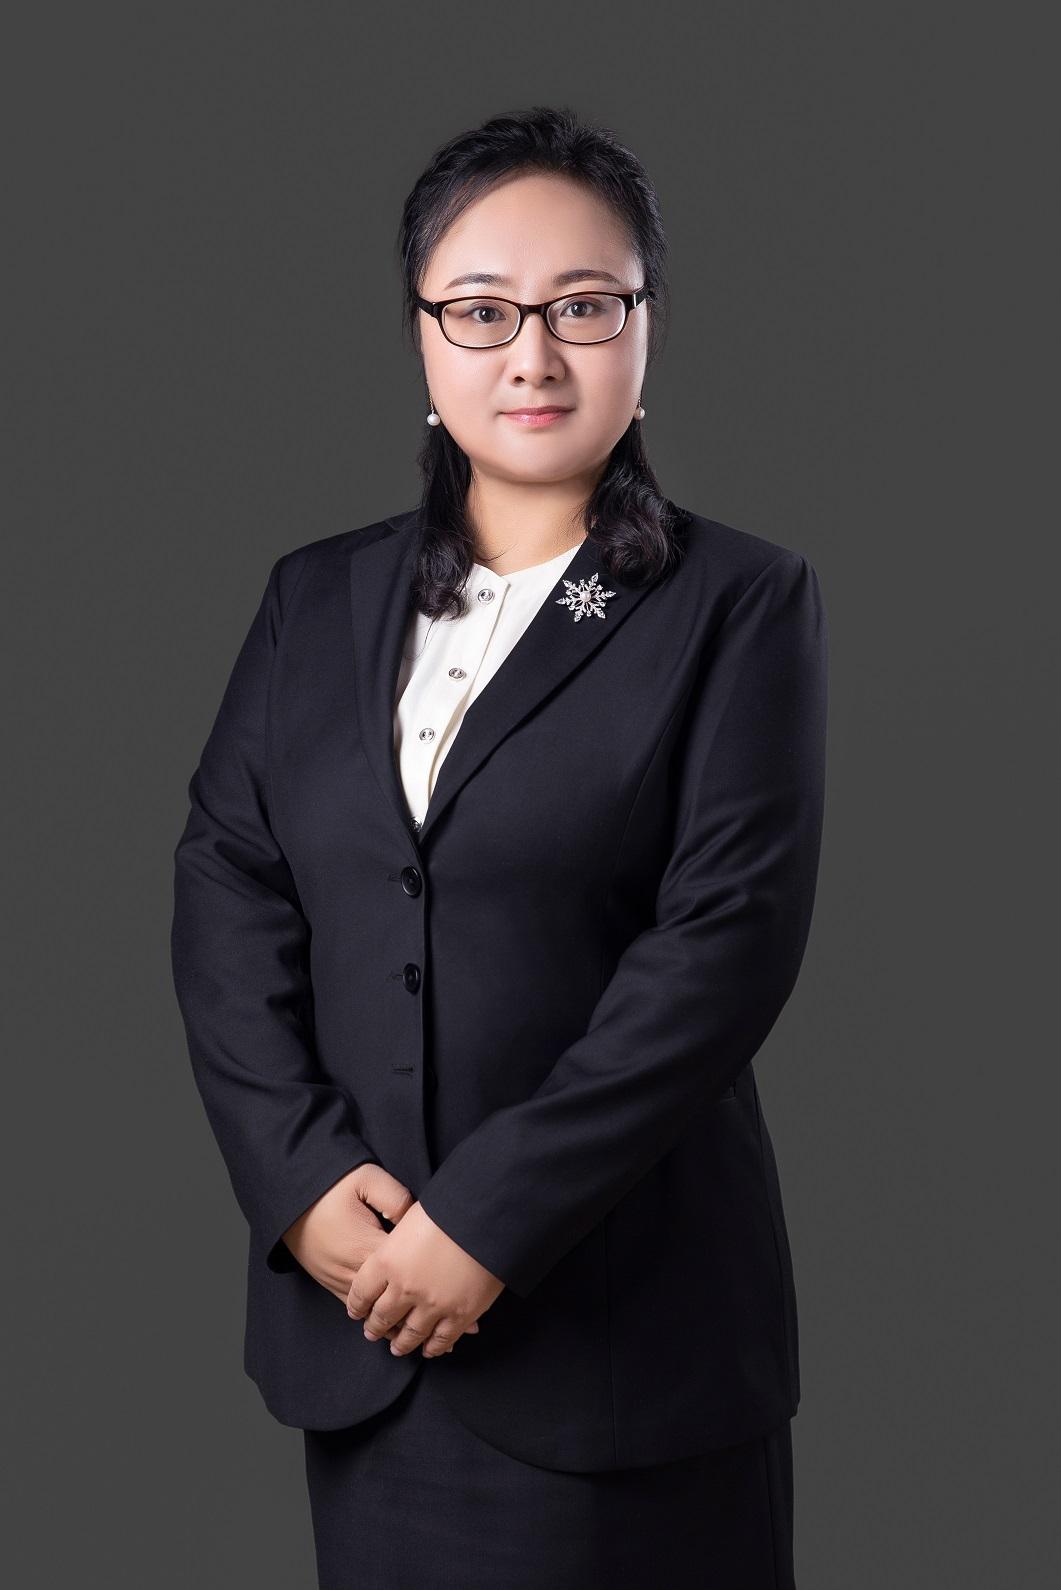 title=' 王蕾蕾律师'